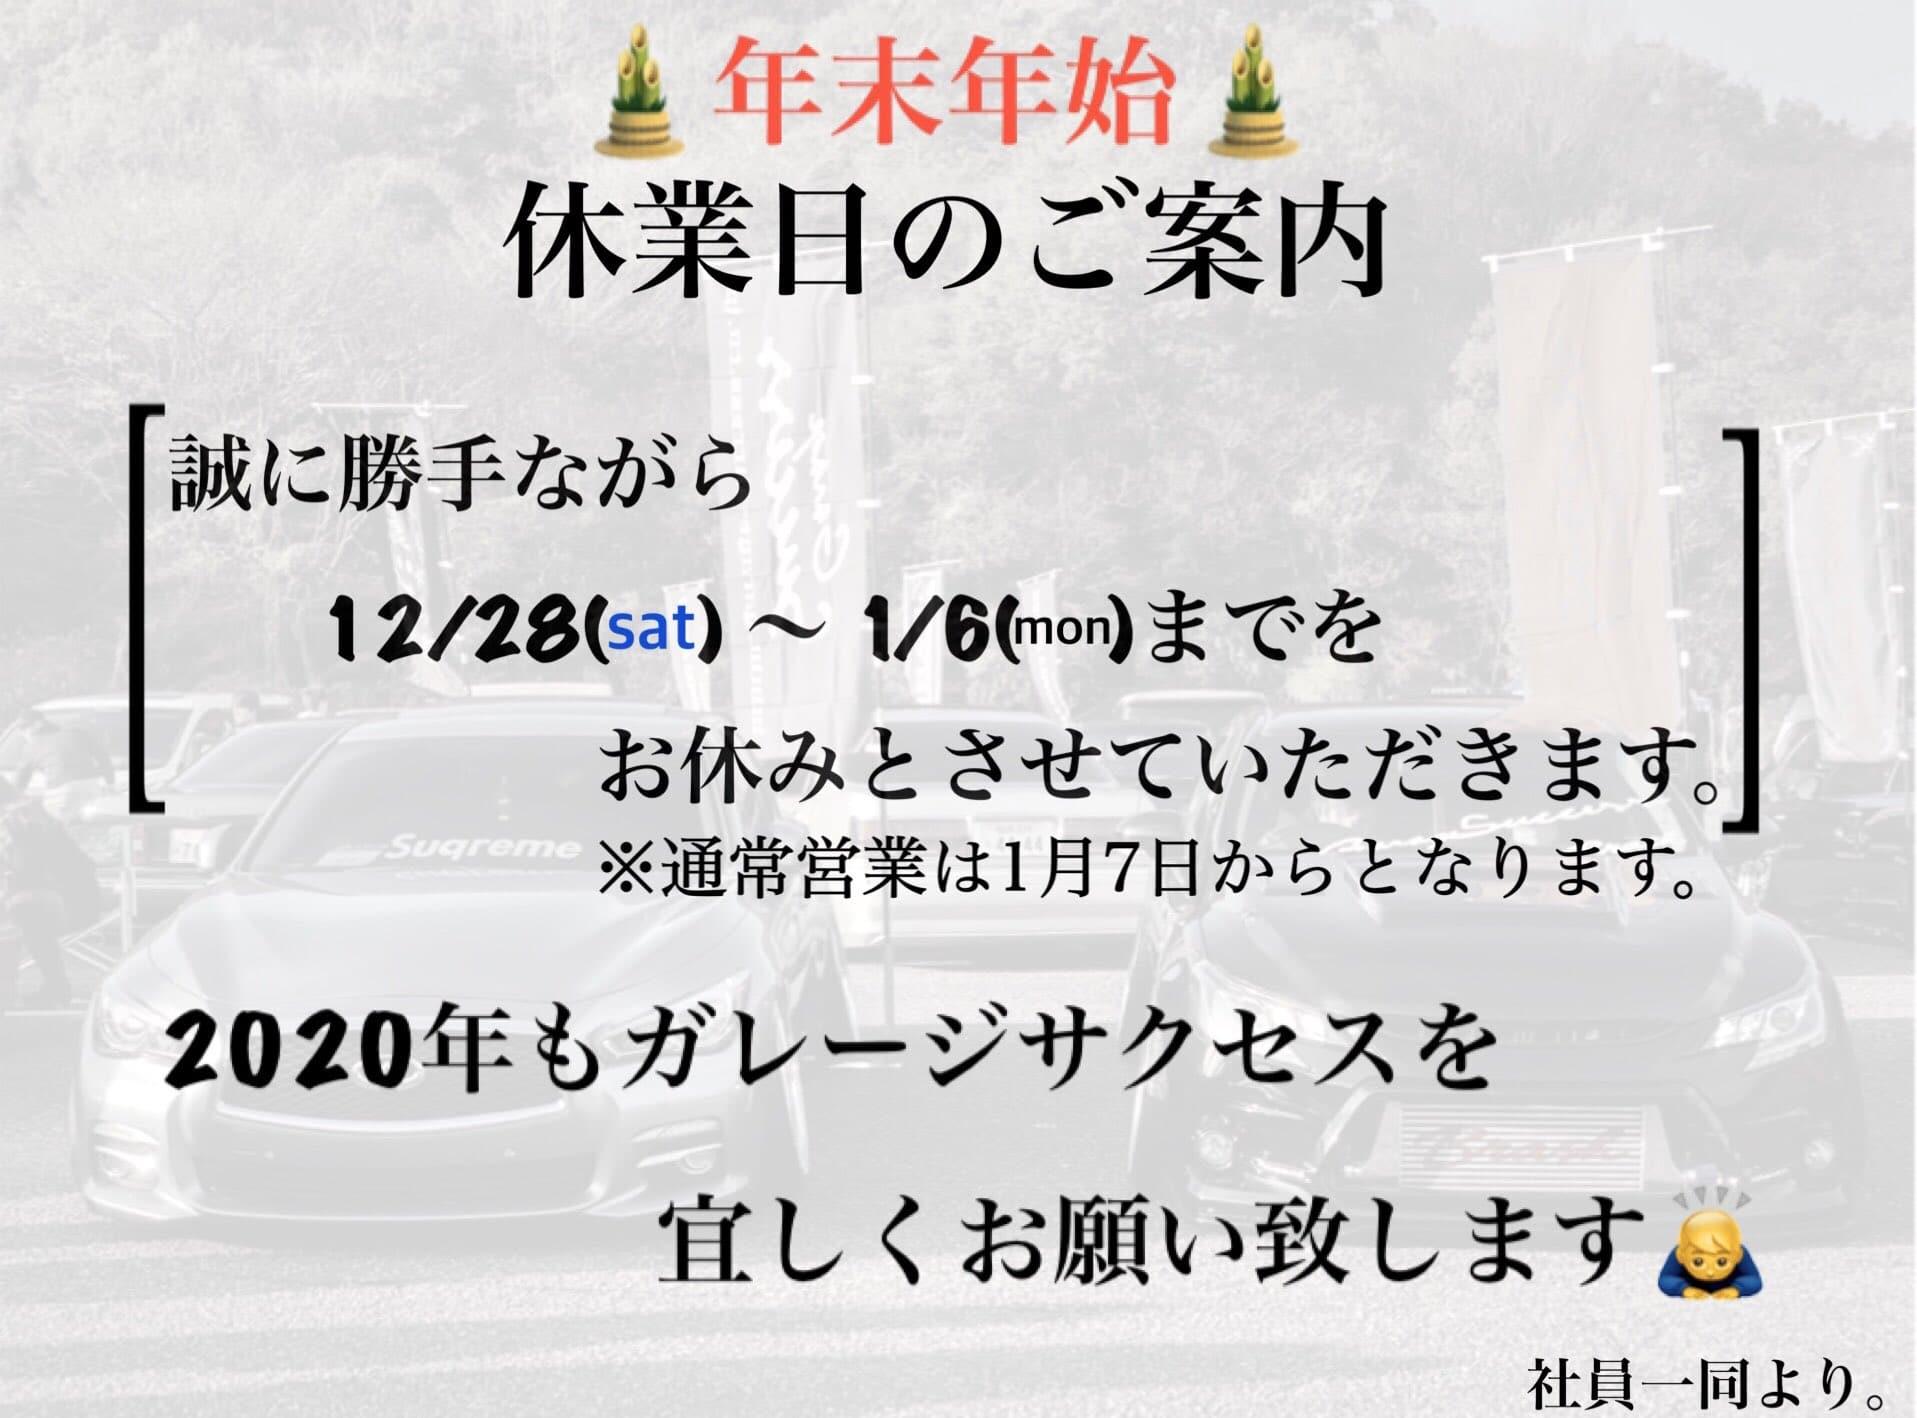 カスタムマークX専門店★ガレージサクセス★今年の営業についてのお知らせです!!